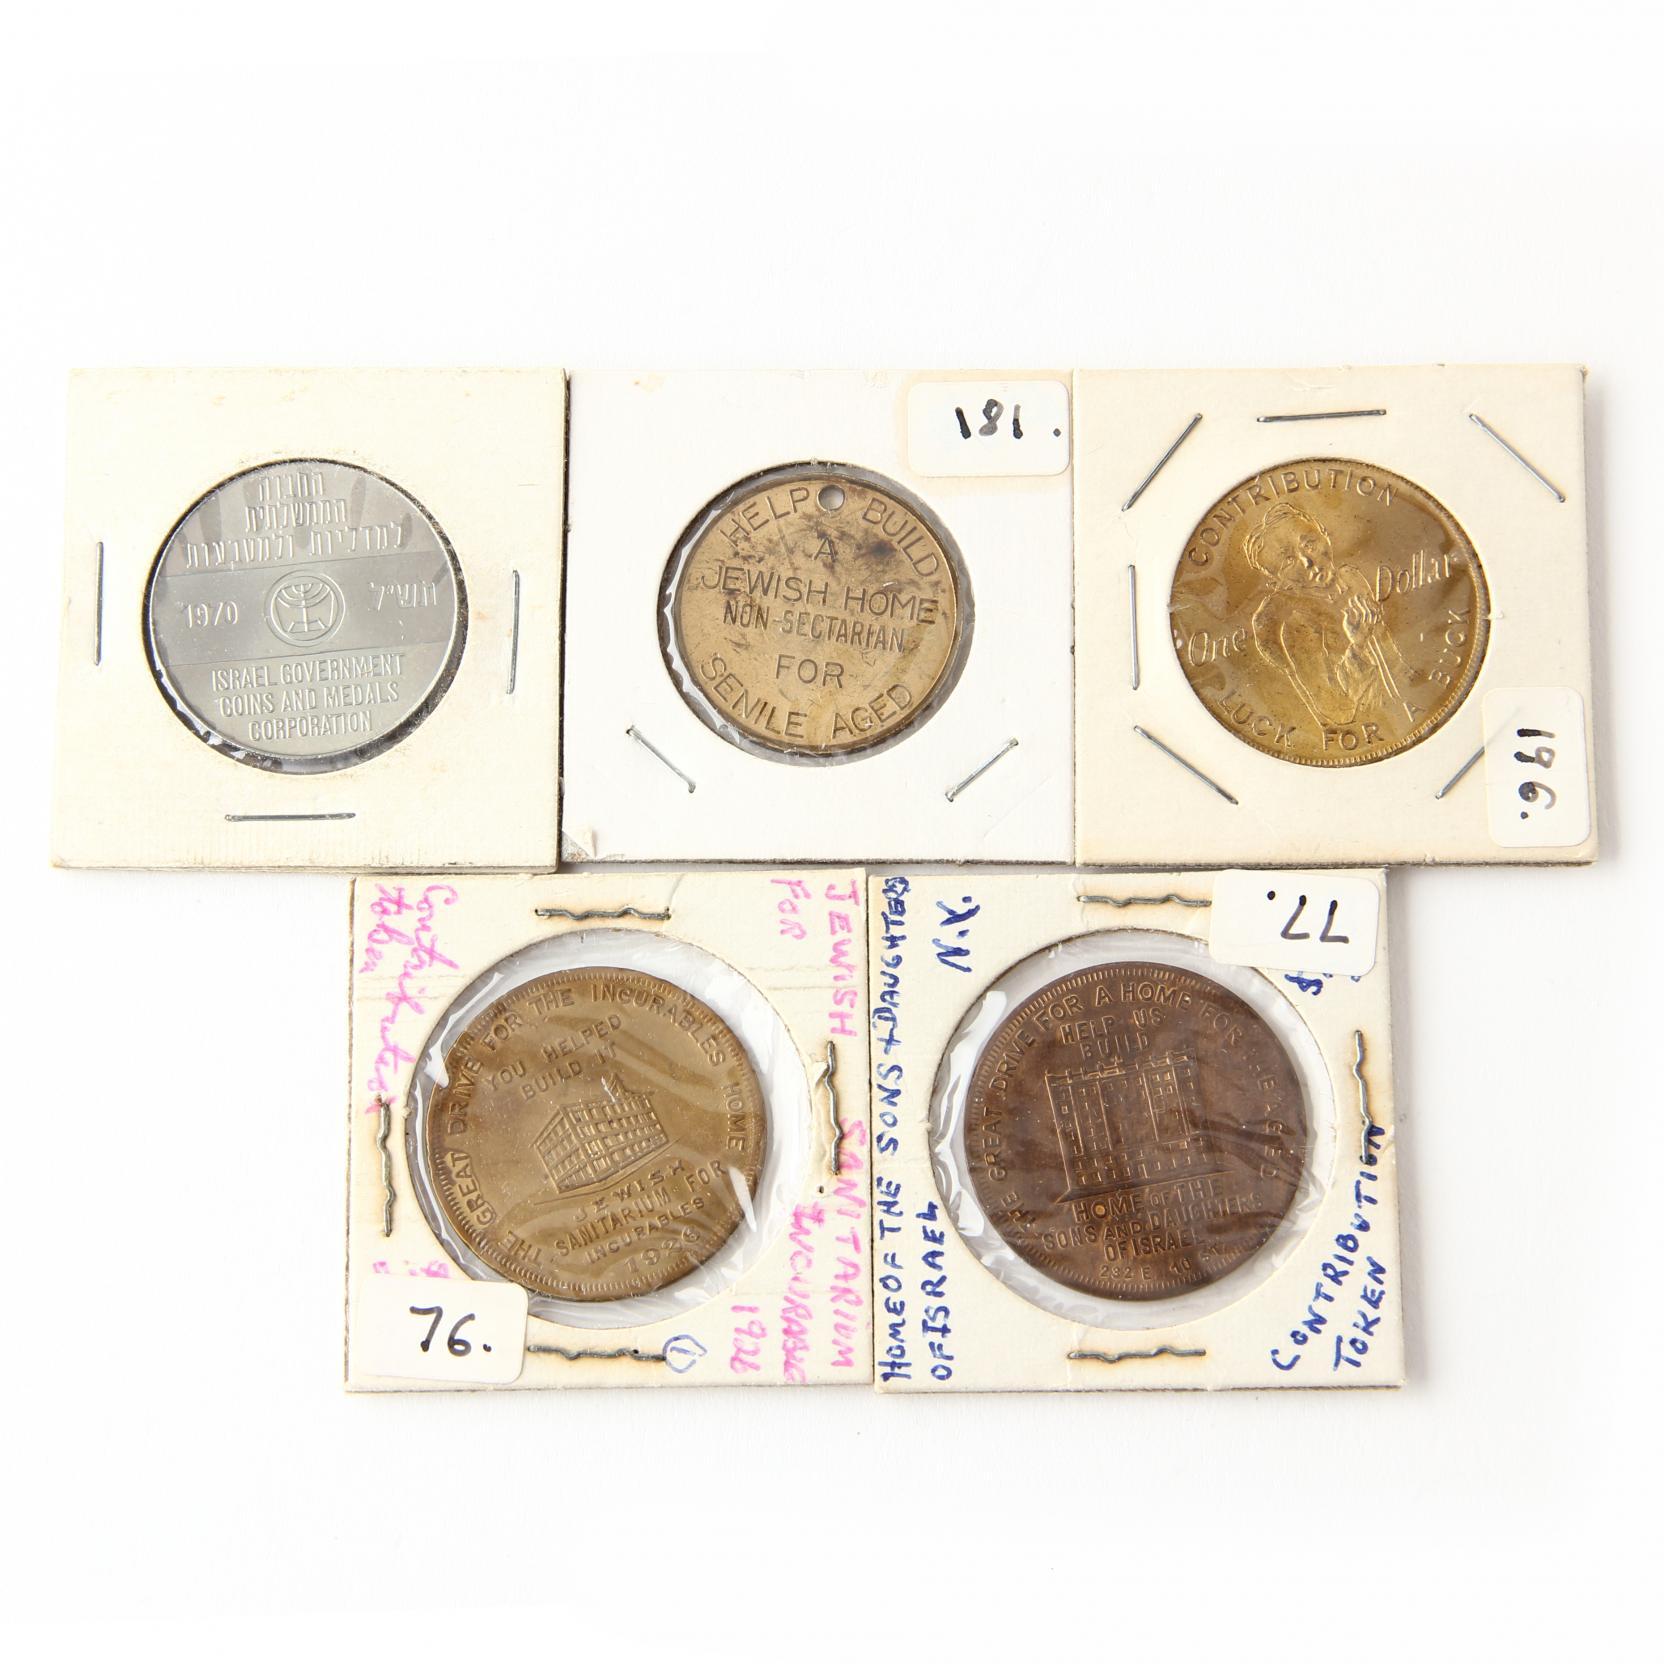 five-tokens-of-judaic-interest